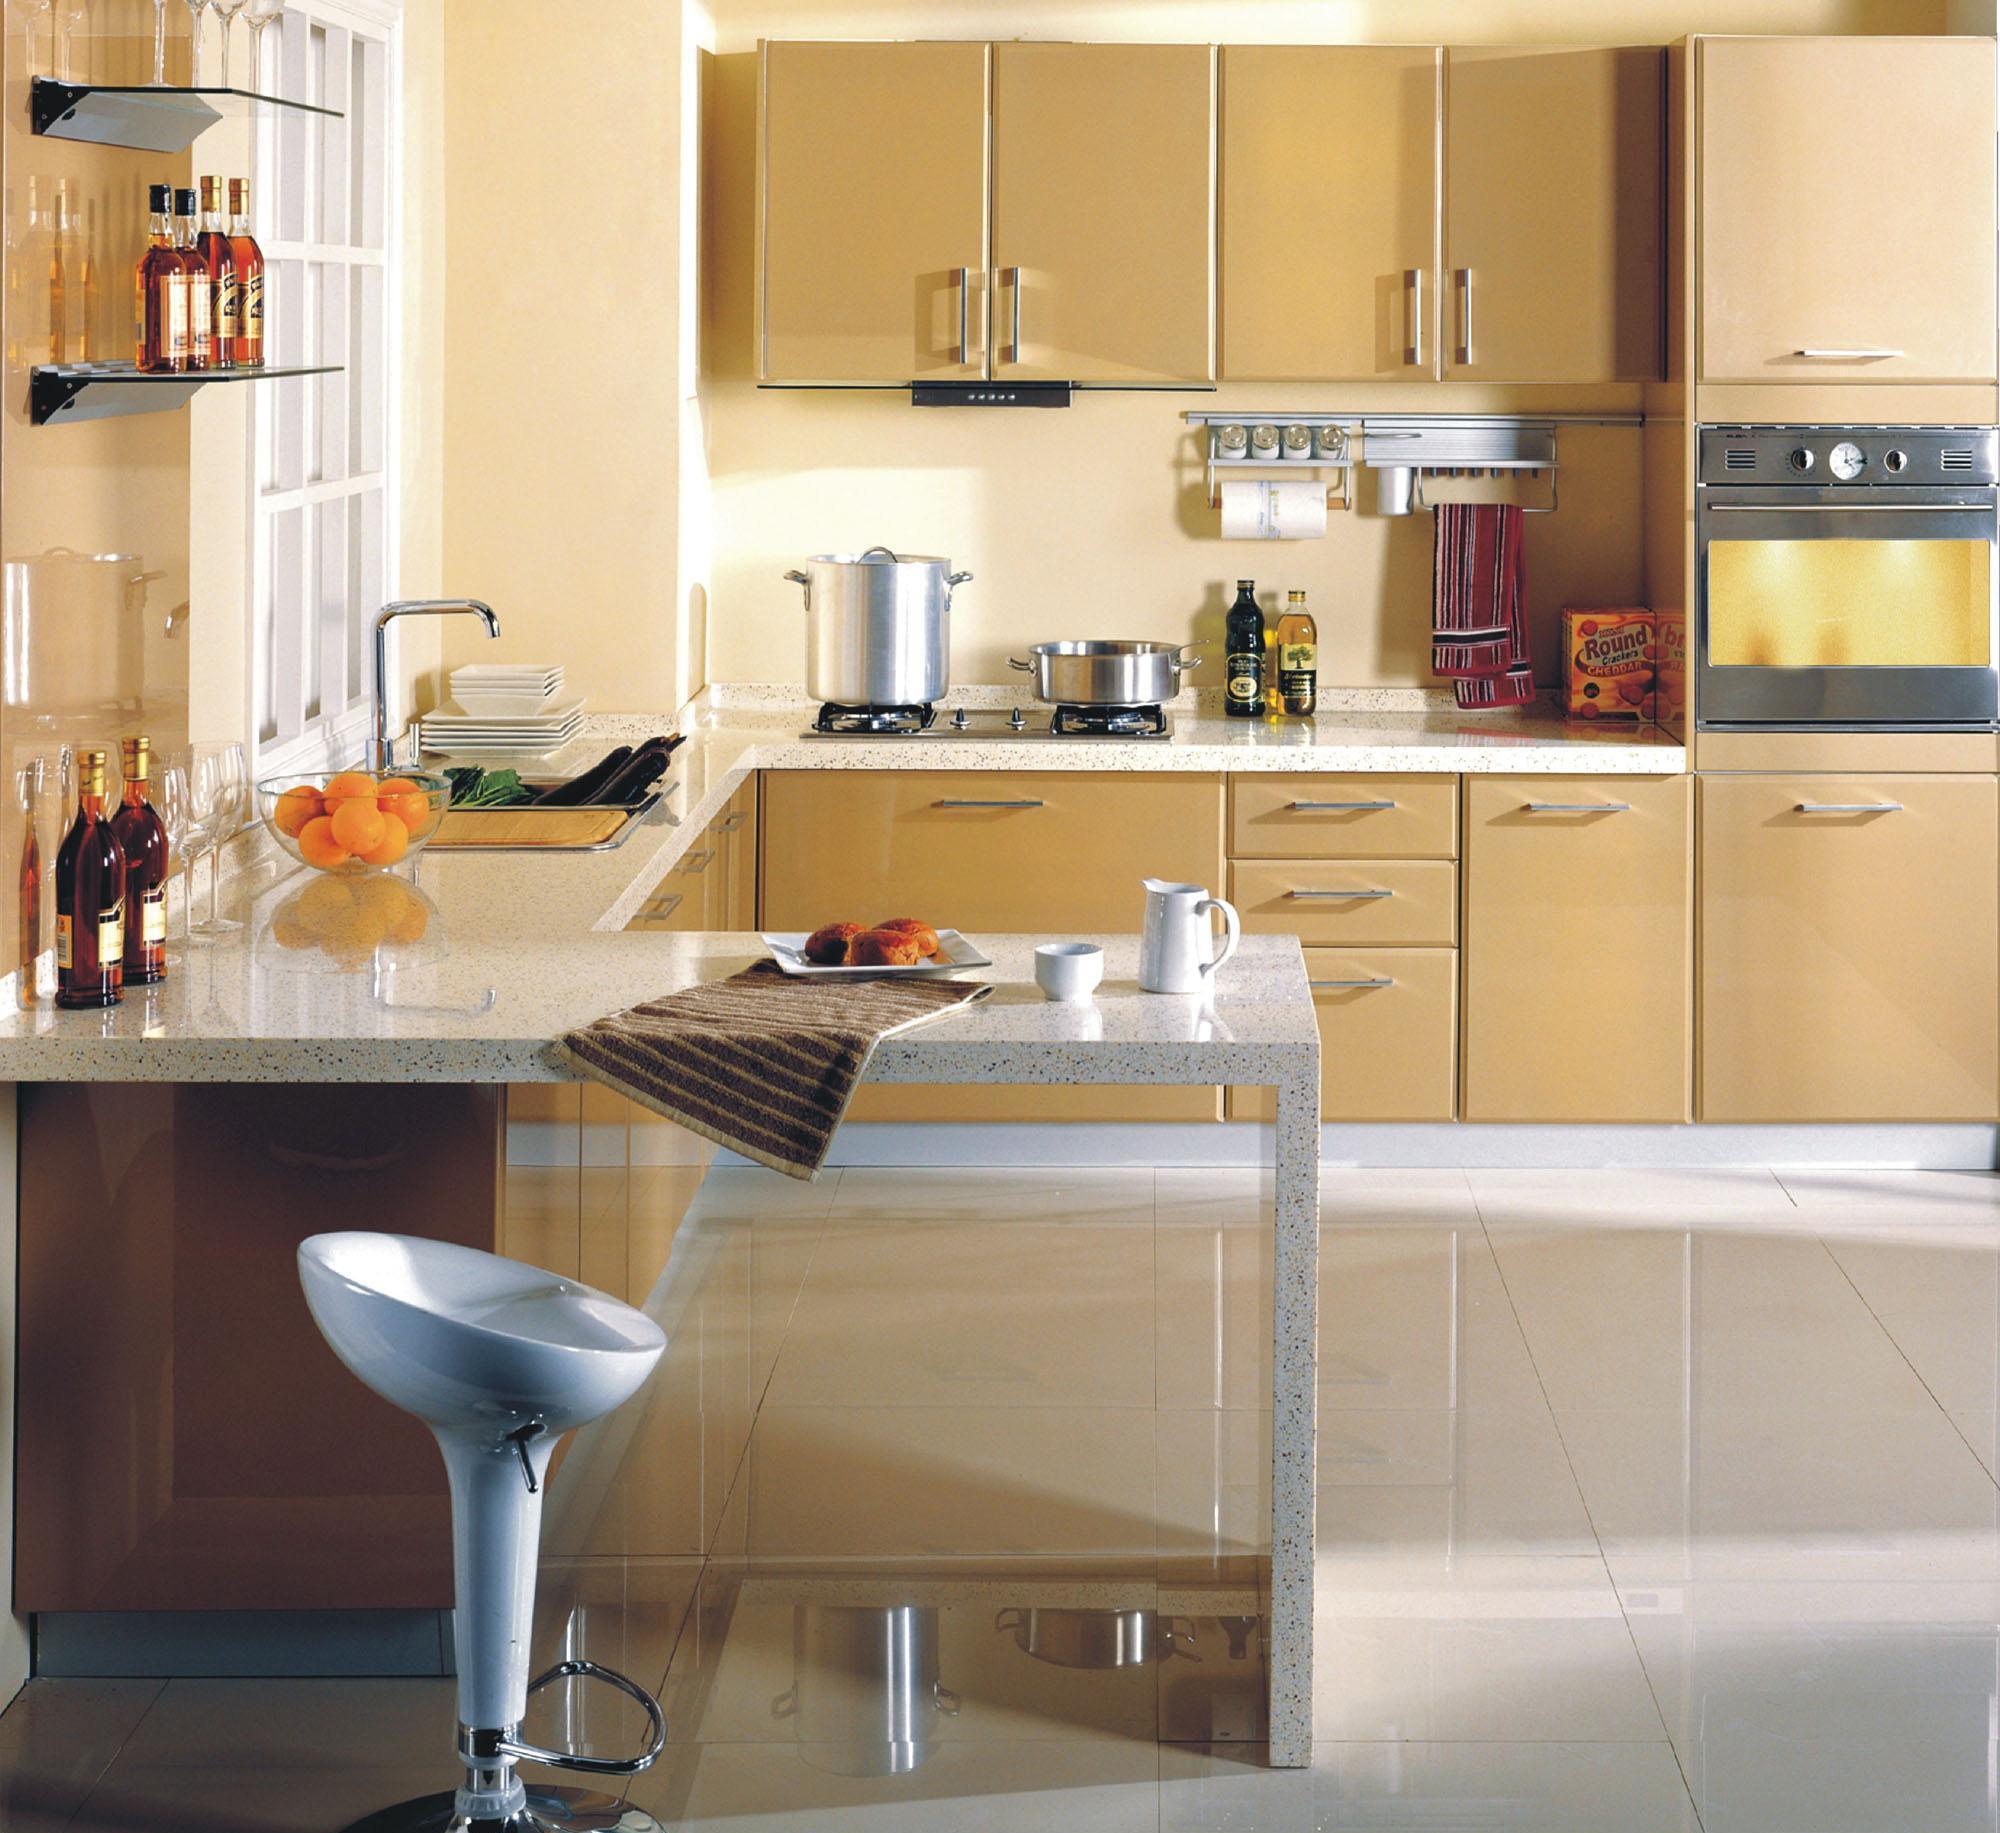 蓝谷智能厨房卡布基诺系列LE-3001 L型半开放式DLE-3001 L型